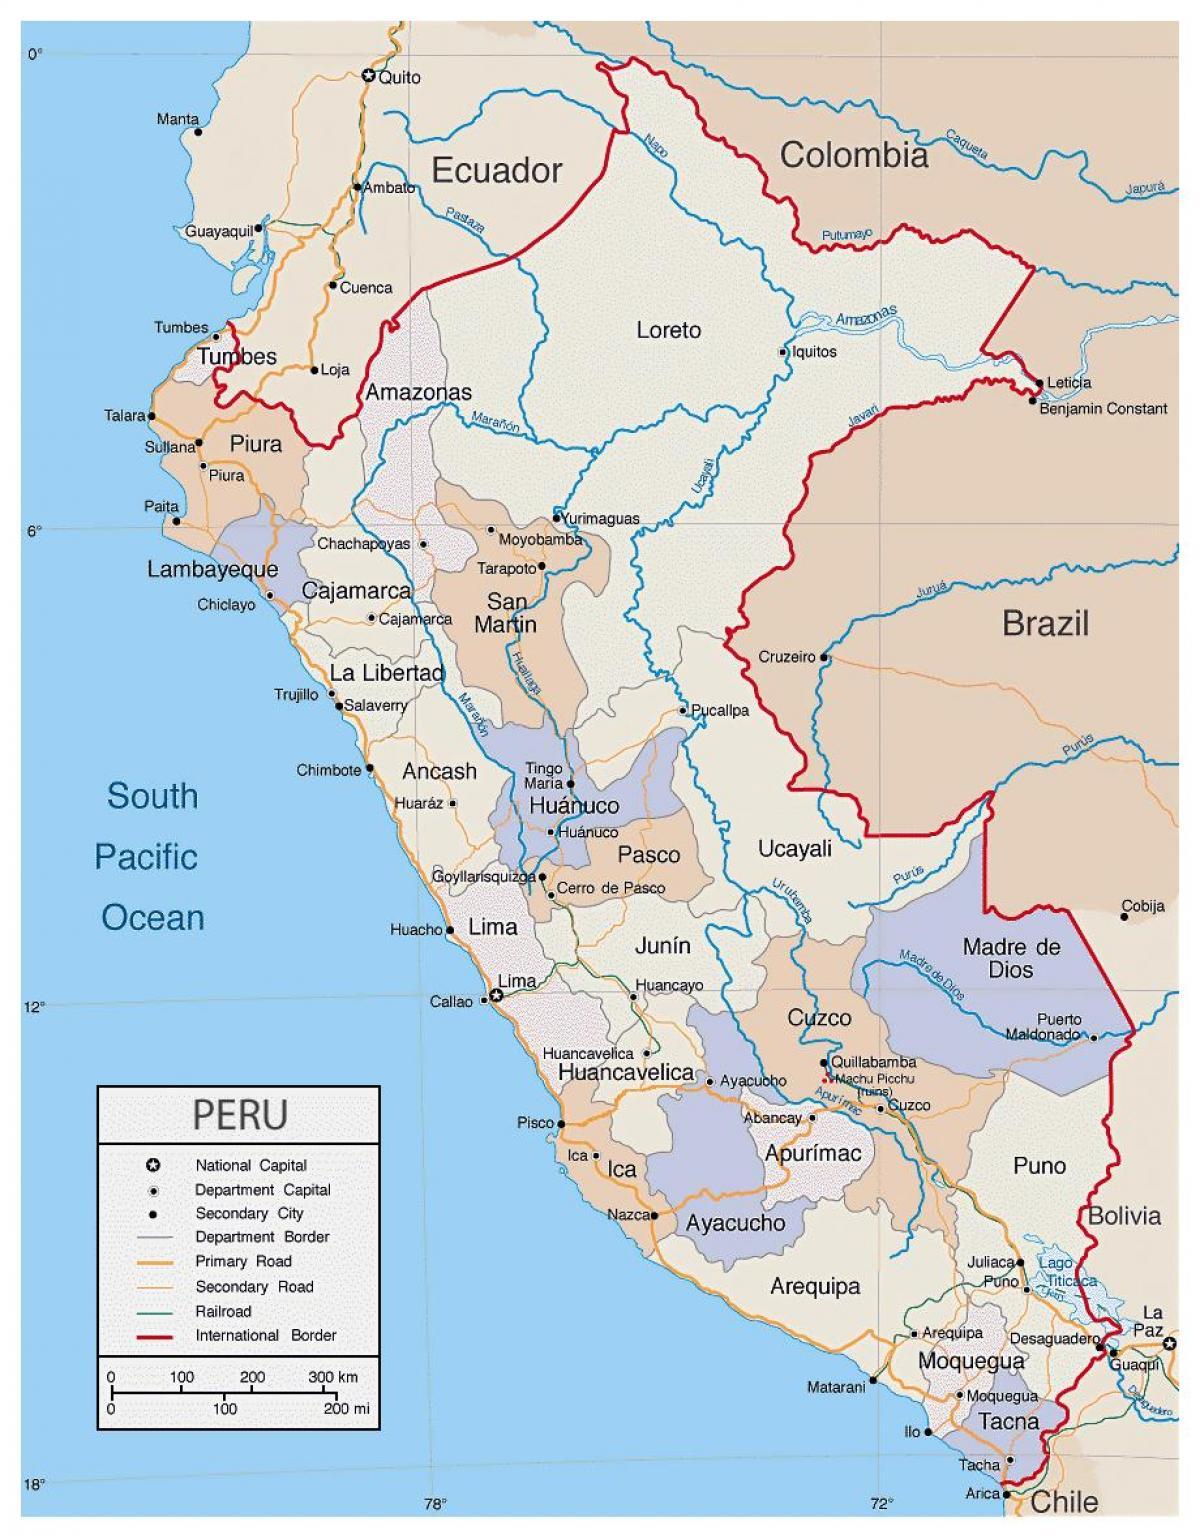 Detaljeret Kort Over Peru Kort Med Detaljerede Kort Over Peru